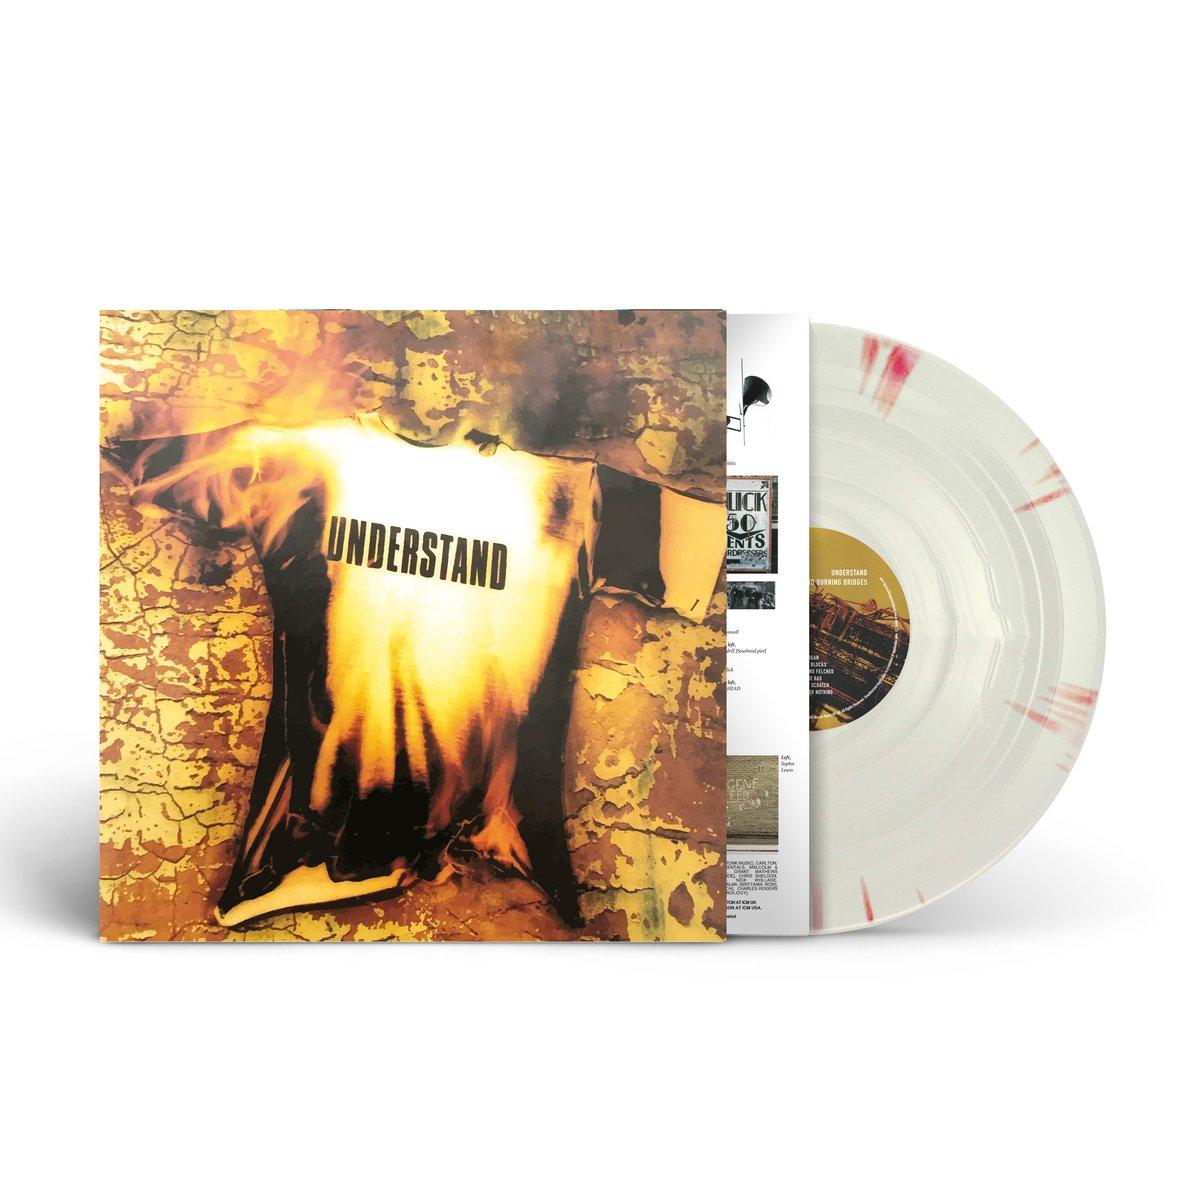 Image of Understand - Burning Bushes and Burning Bridges LP